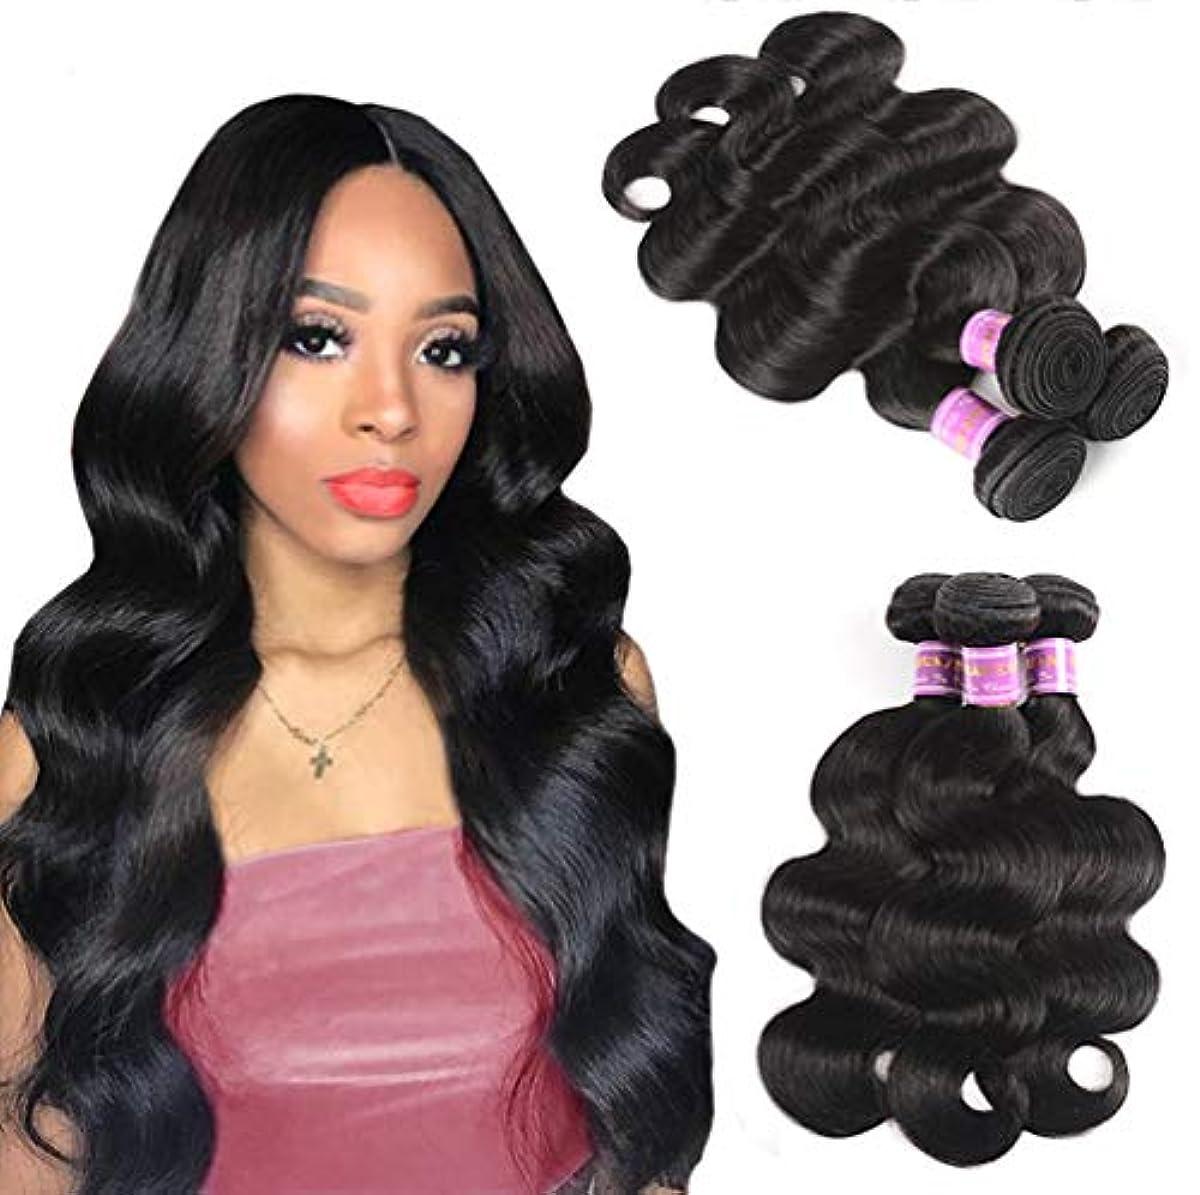 たまに政策ブラウズ女性ブラジルの髪の束ボディ波バージン髪織り赤ちゃんの髪の自由な部分自然な色(3バンドル)